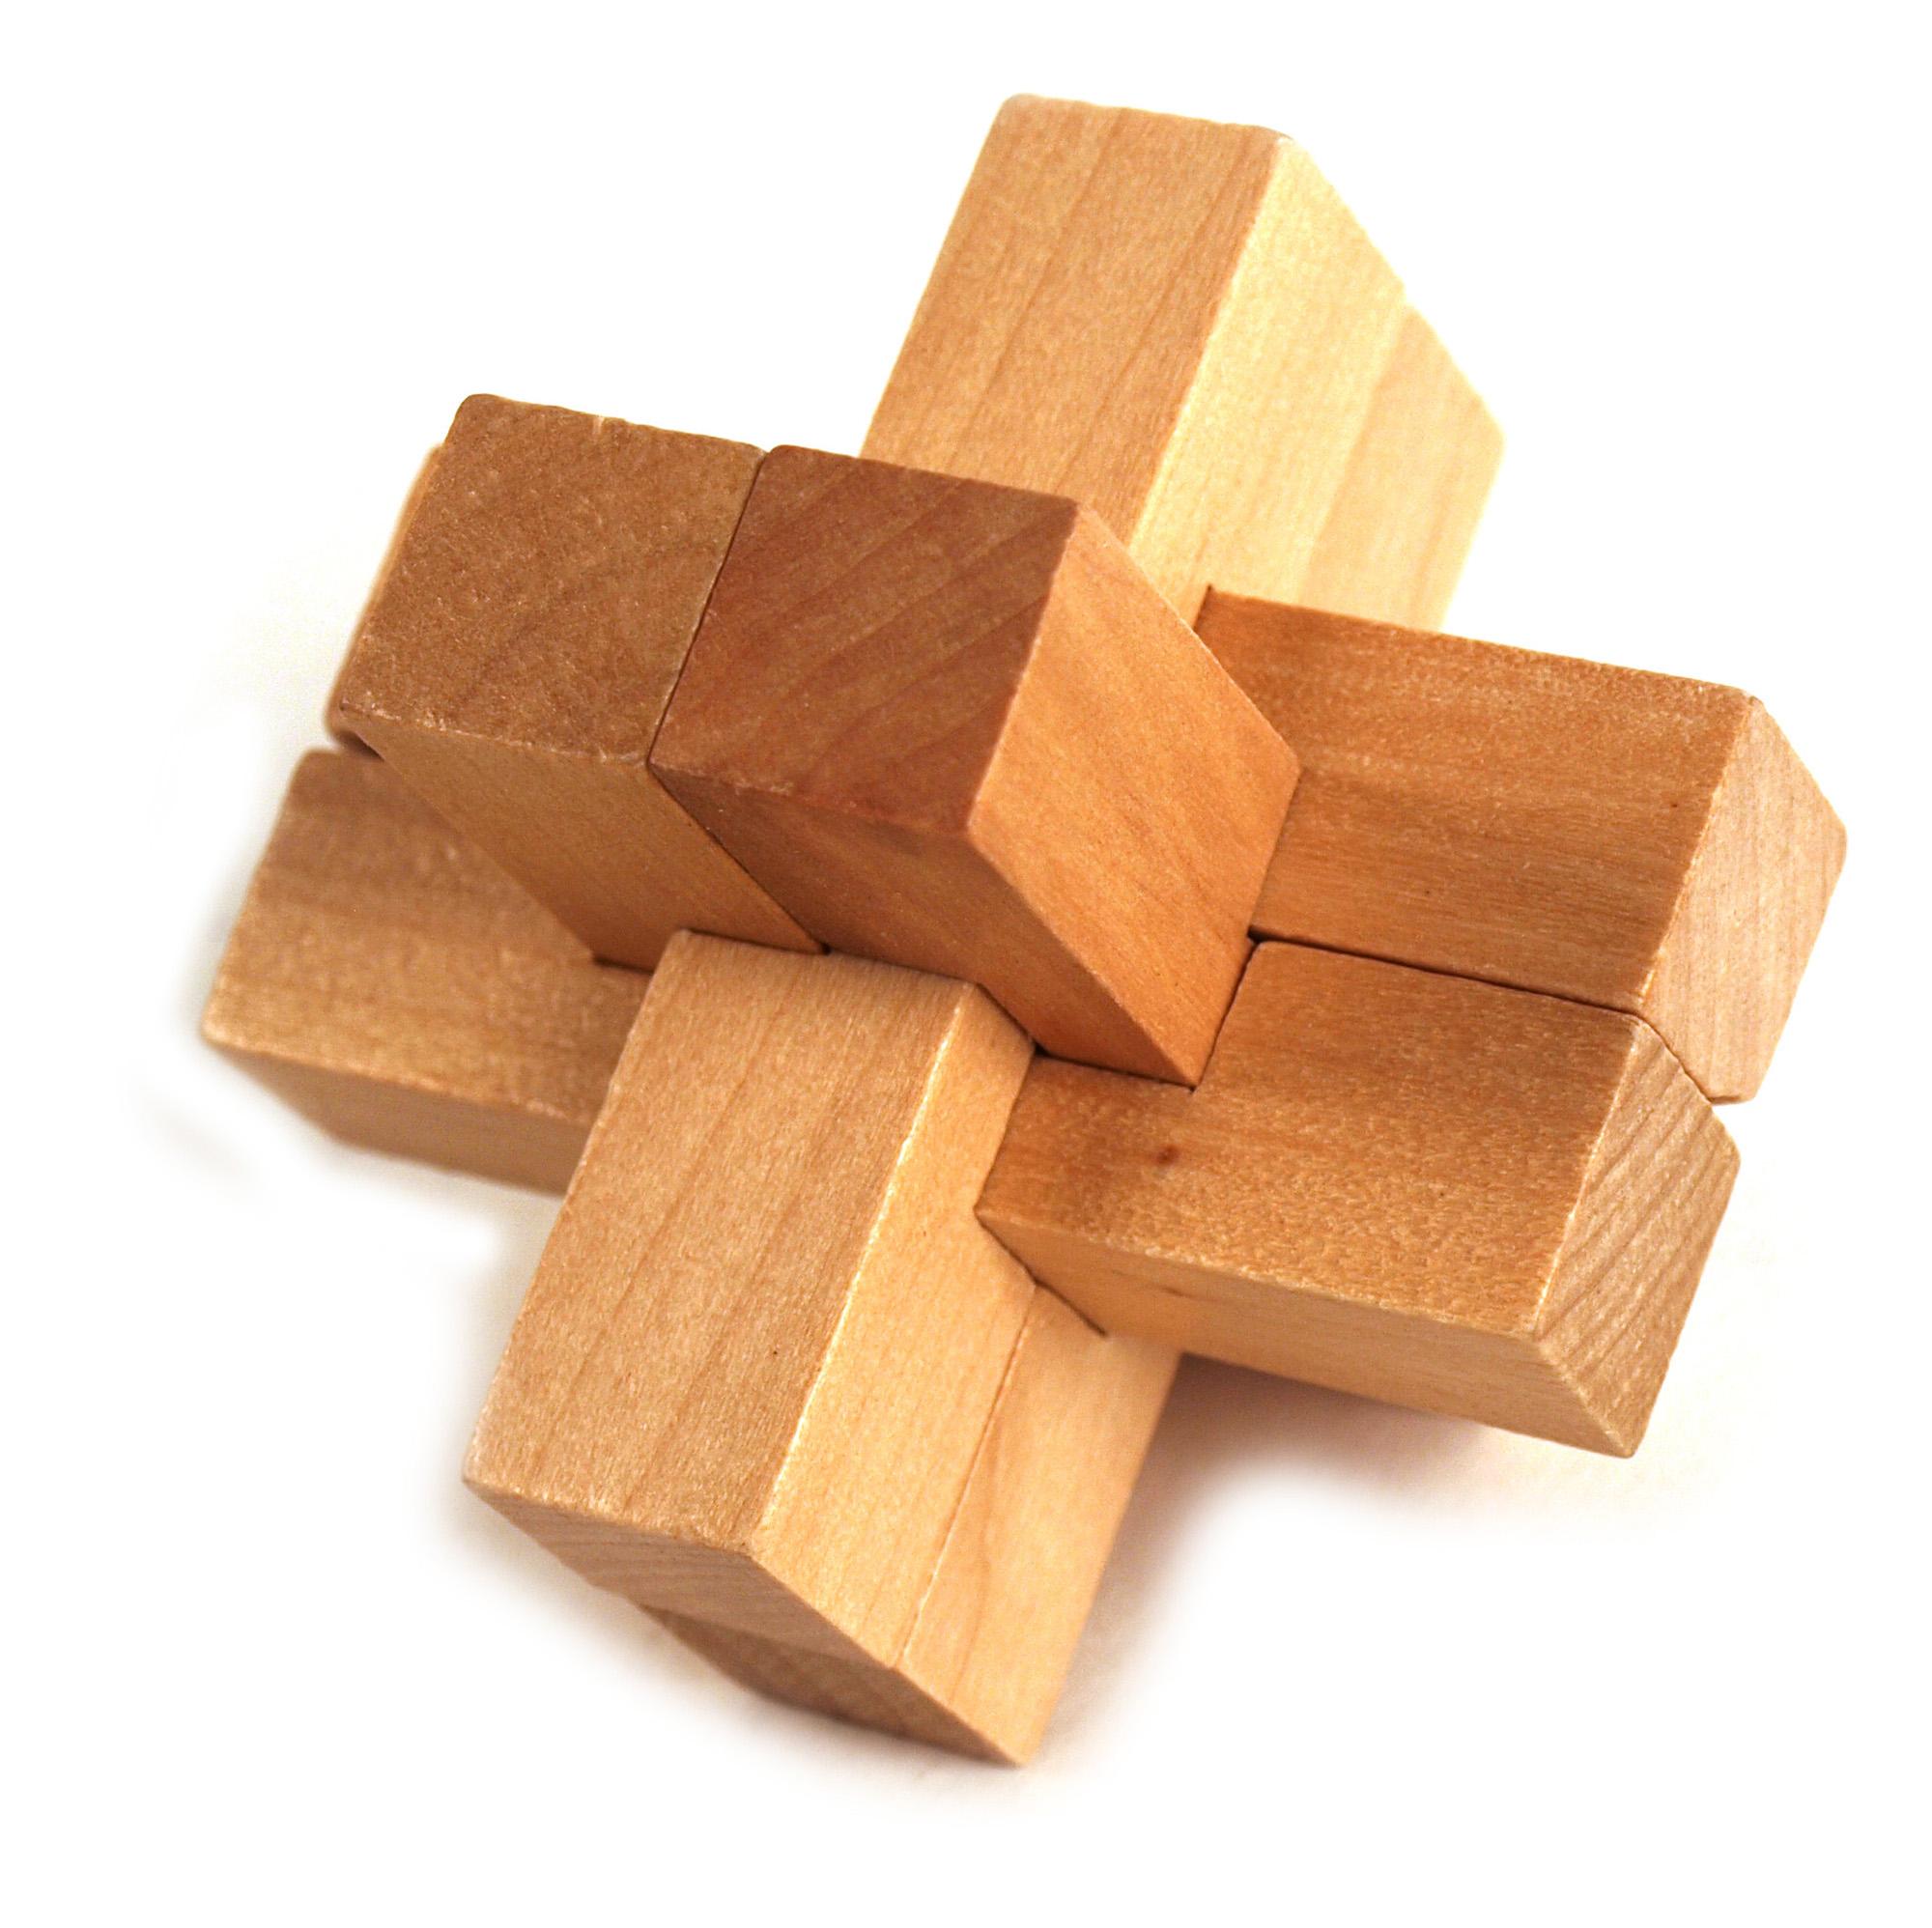 3d Wood Puzzle Nova Star Pink Cat Shop